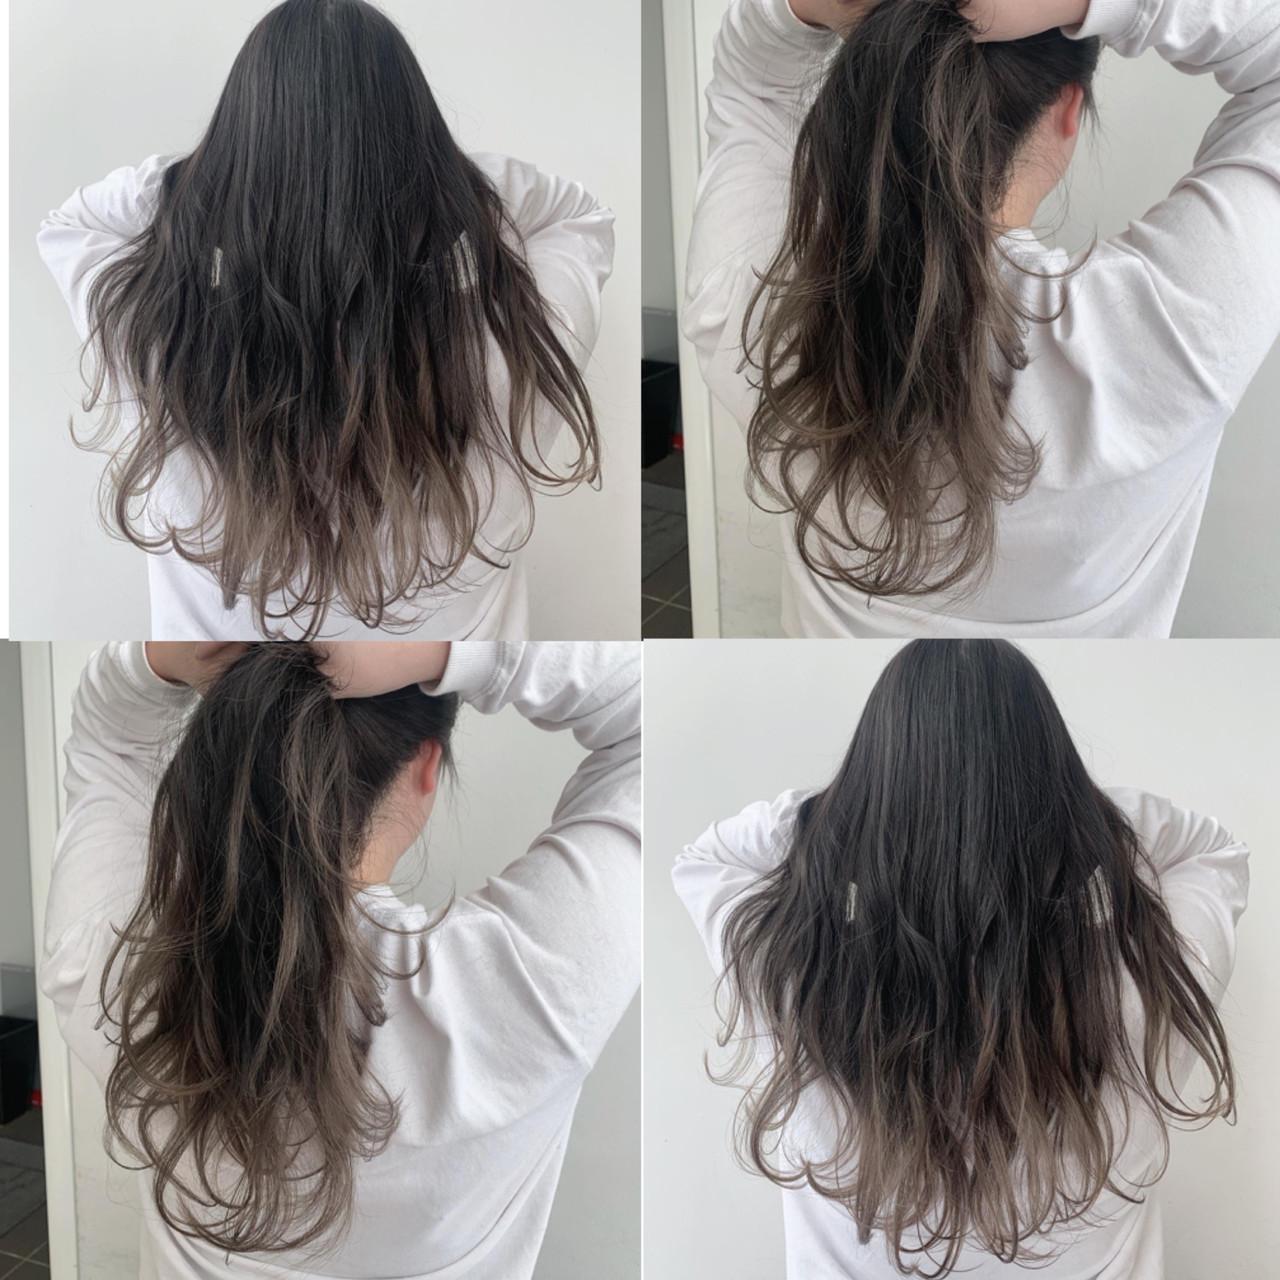 グラデーションカラー ロング モテ髪 アッシュグレージュ ヘアスタイルや髪型の写真・画像